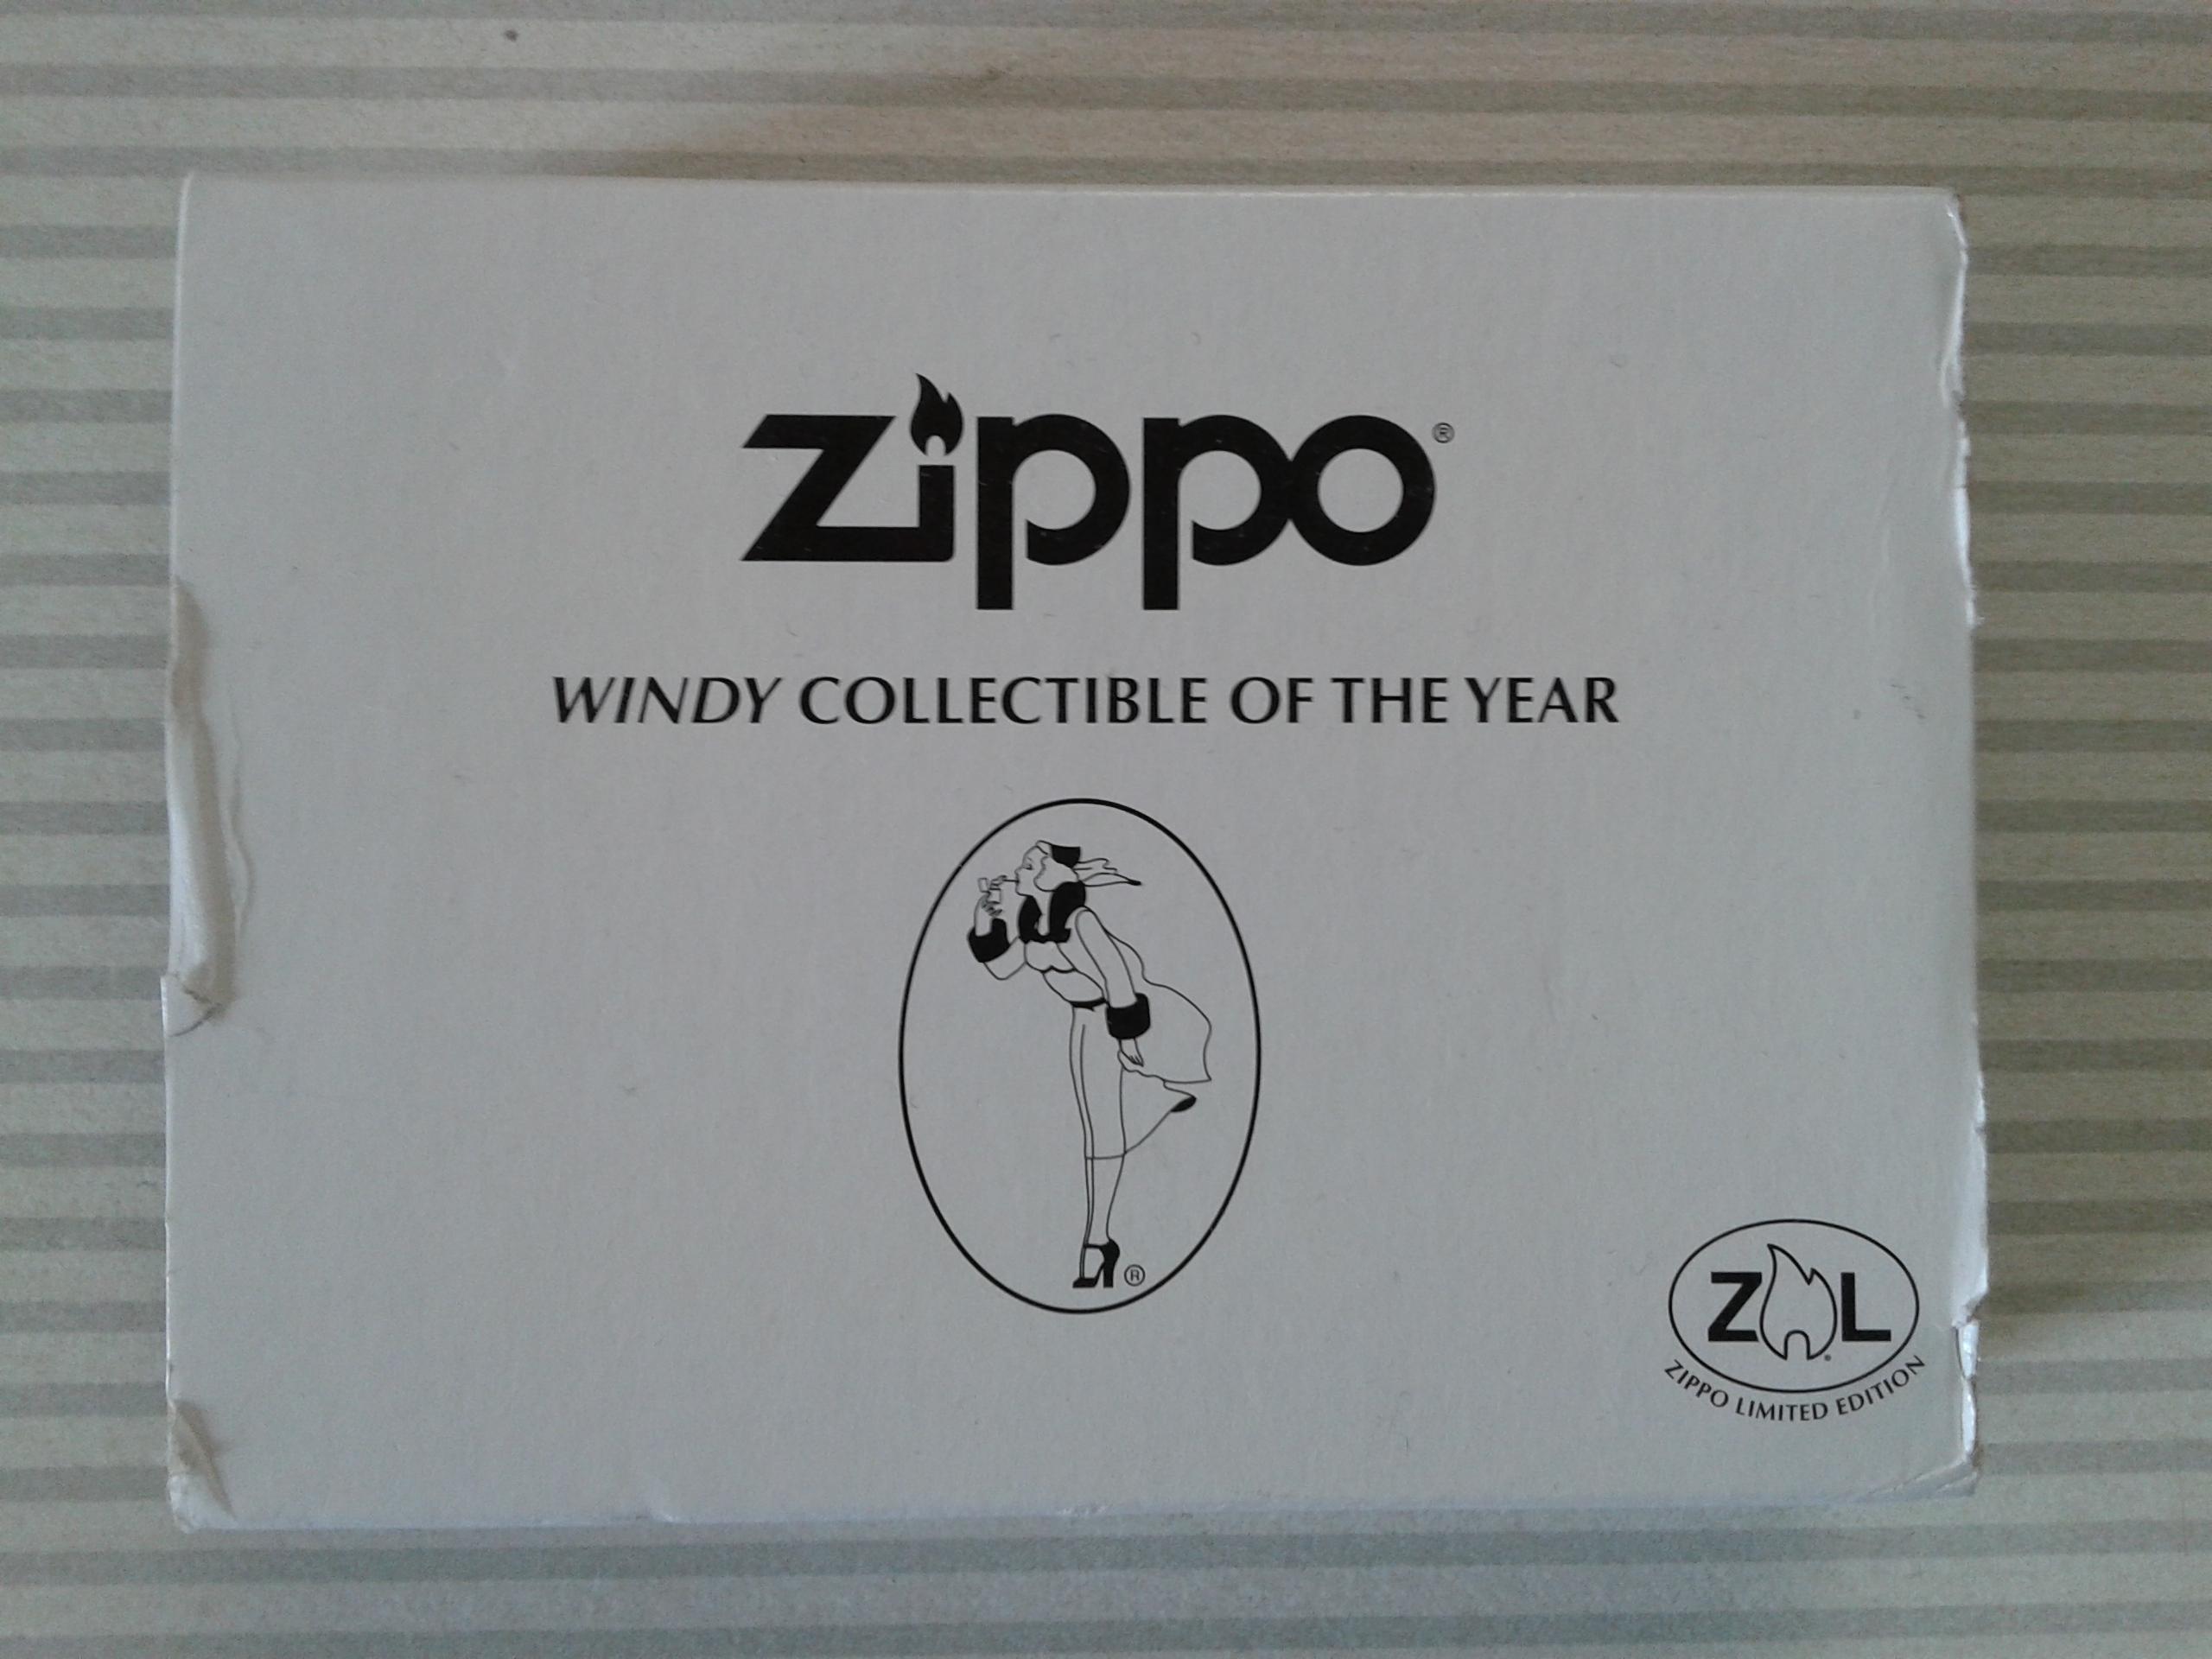 Les boites Zippo au fil du temps - Page 3 799543WindyCOTY20131